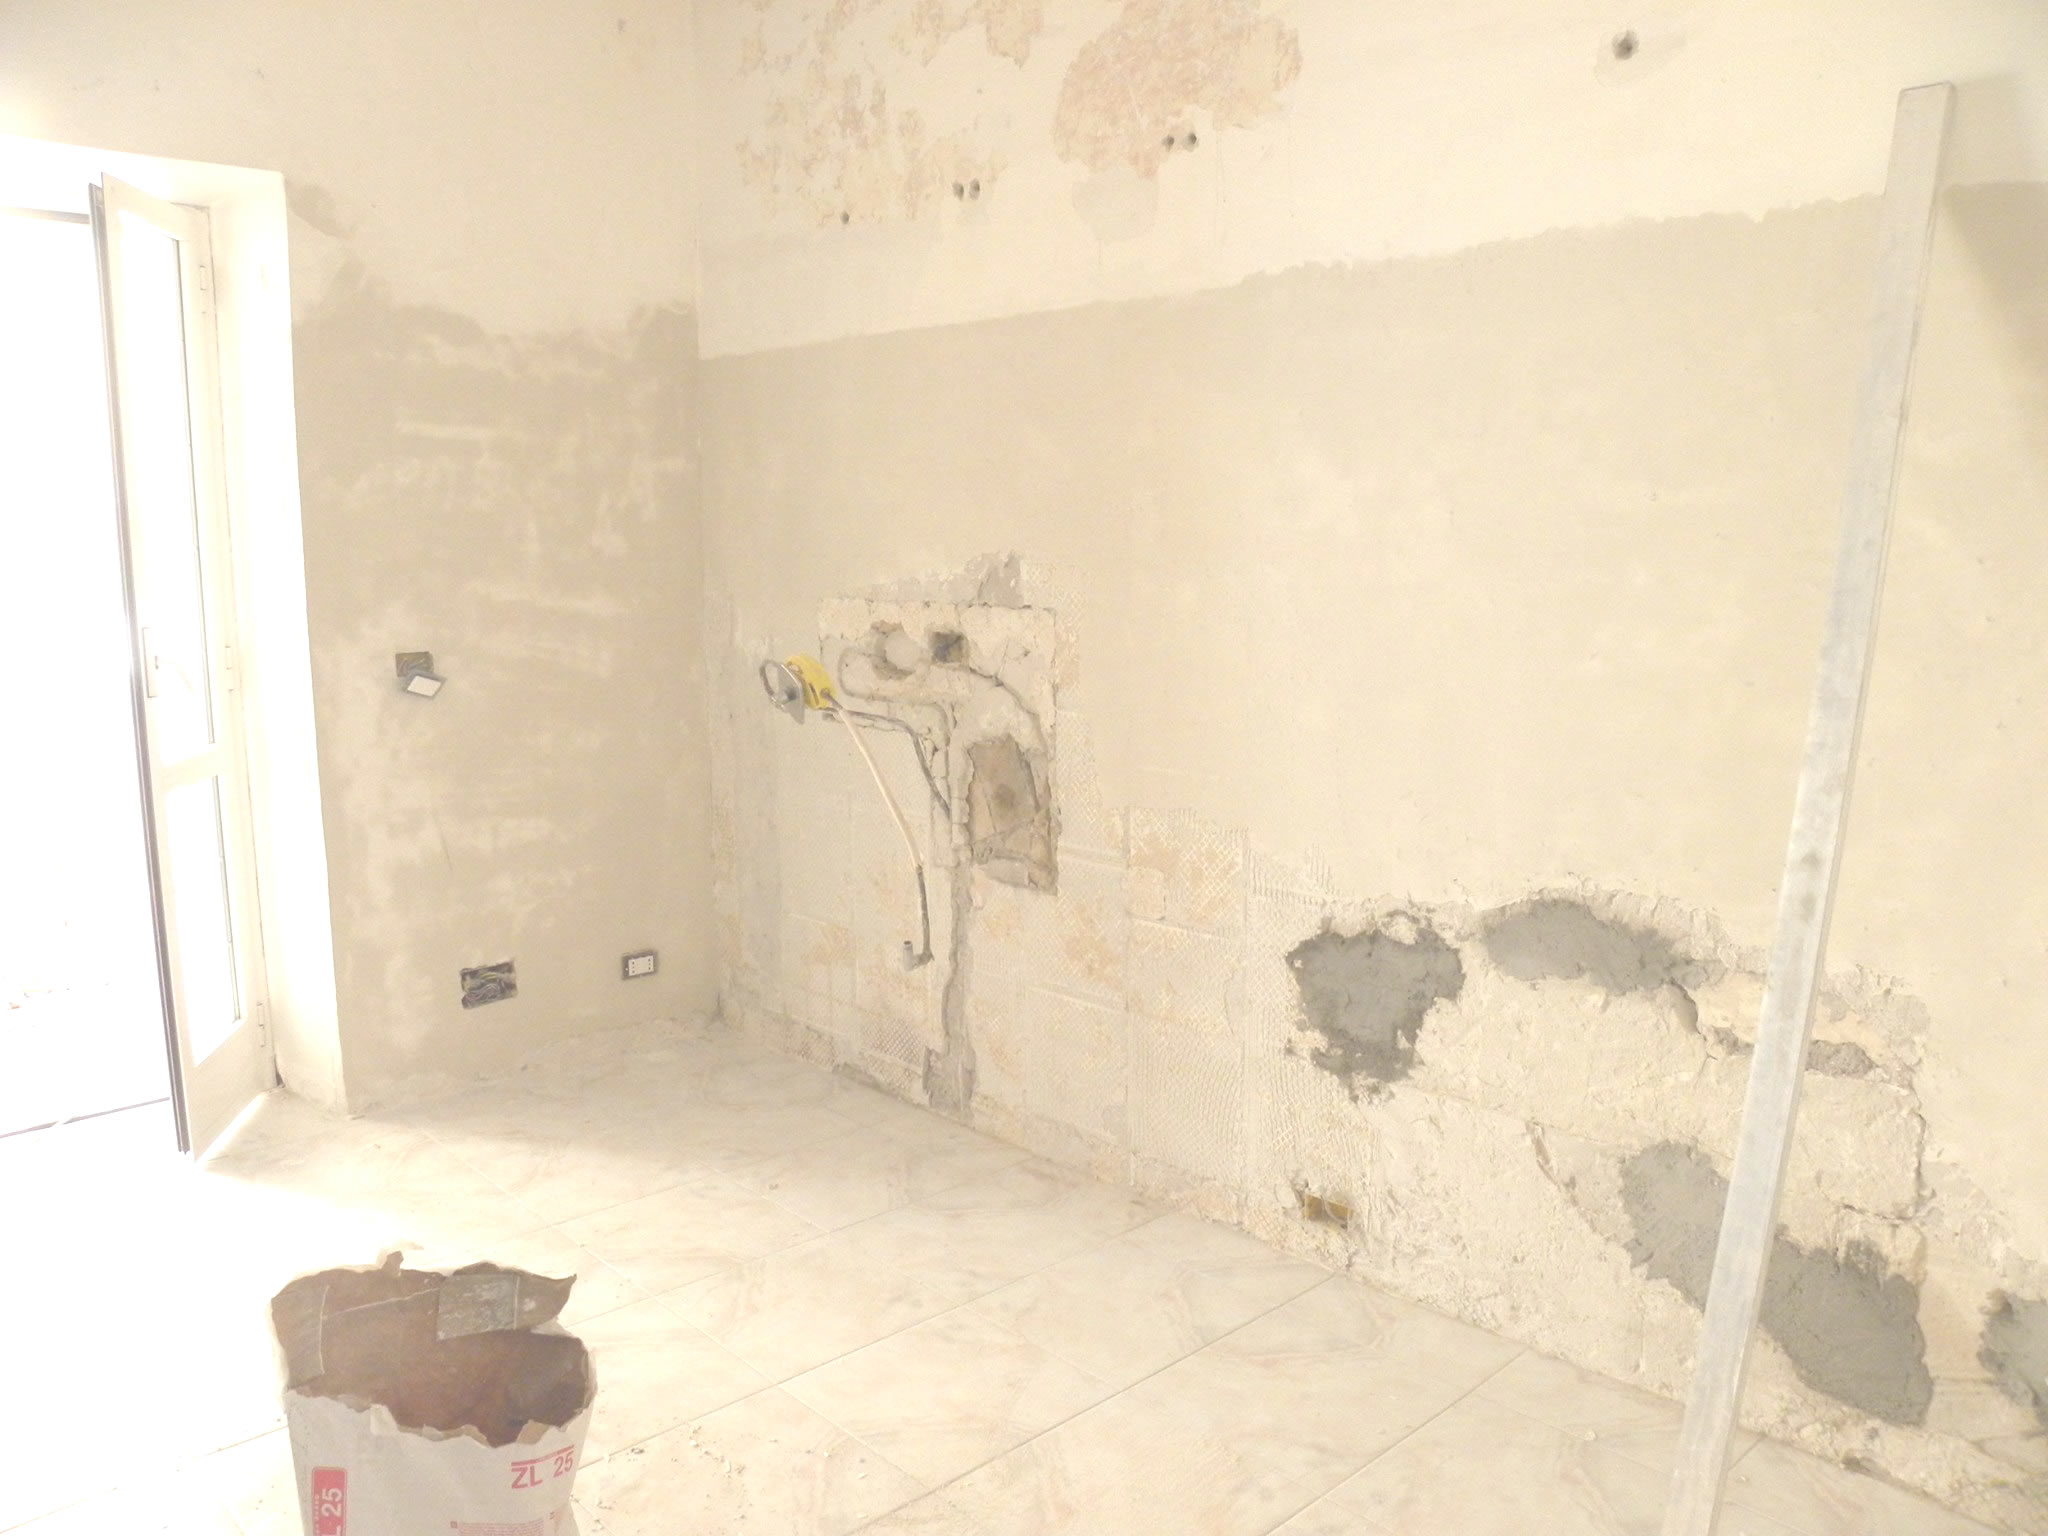 Ristrutturazione casa roma costo preventivo - Costo ristrutturazione cucina ...